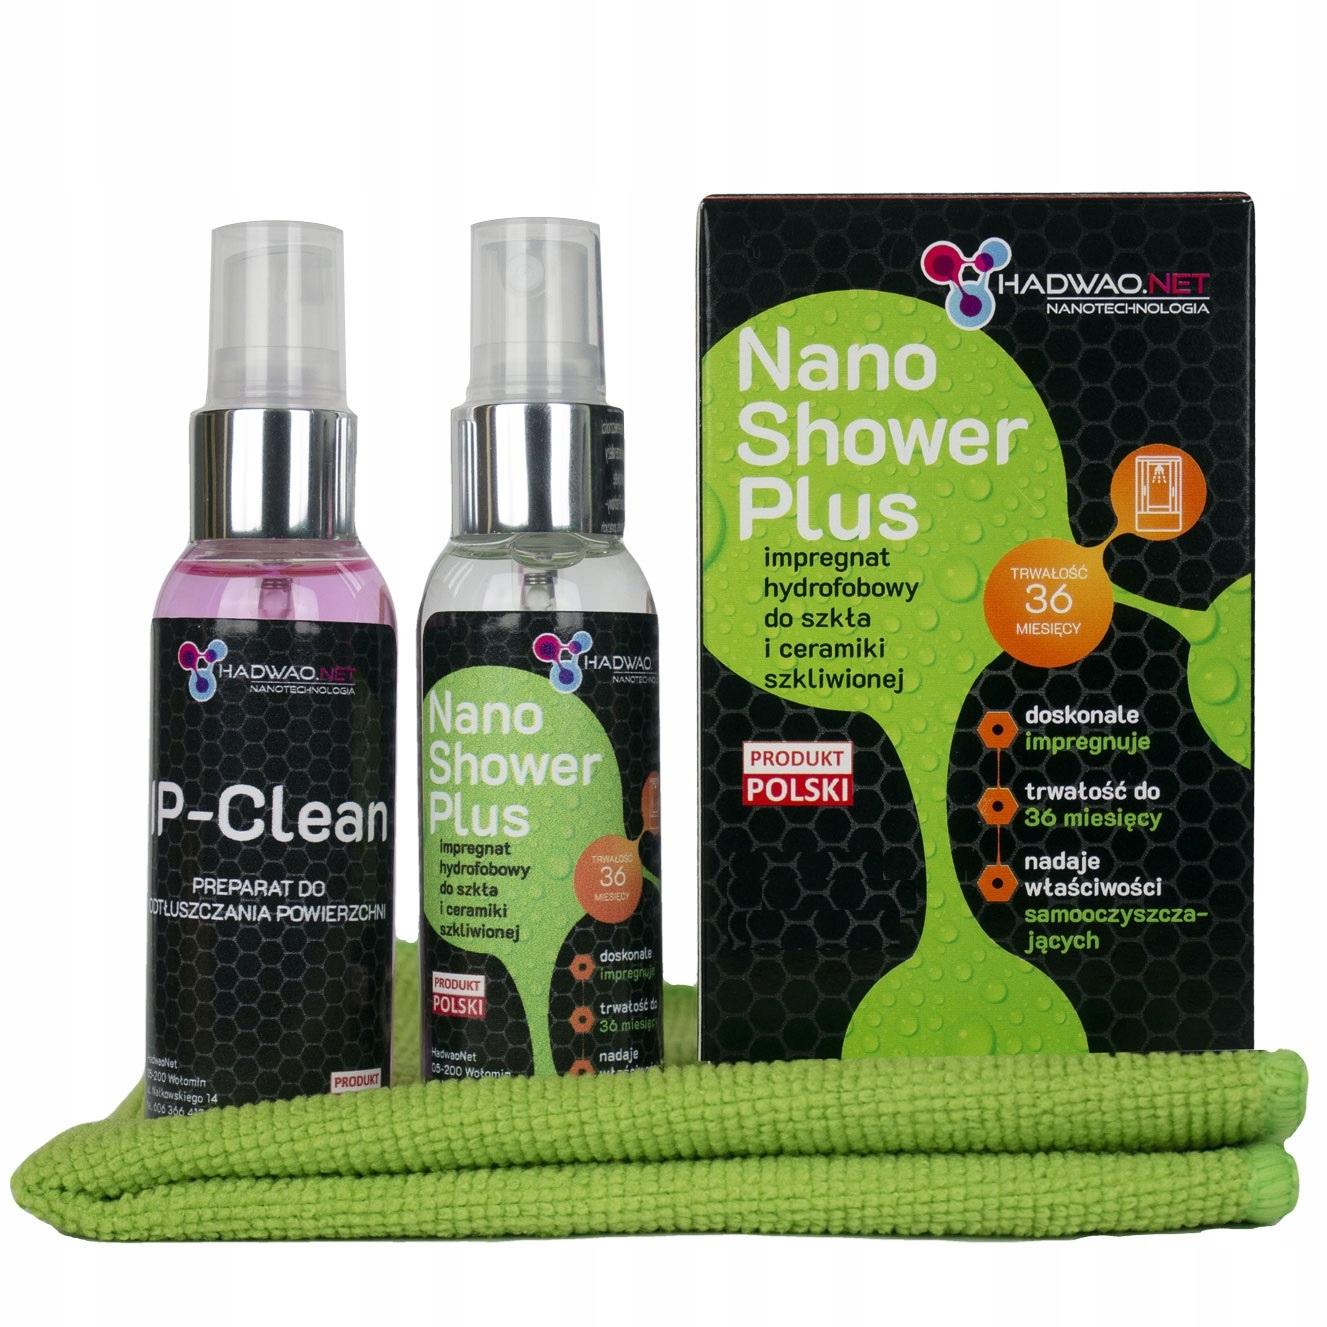 NANO WARSTWA do kabin prysznicowych, Shower Plus